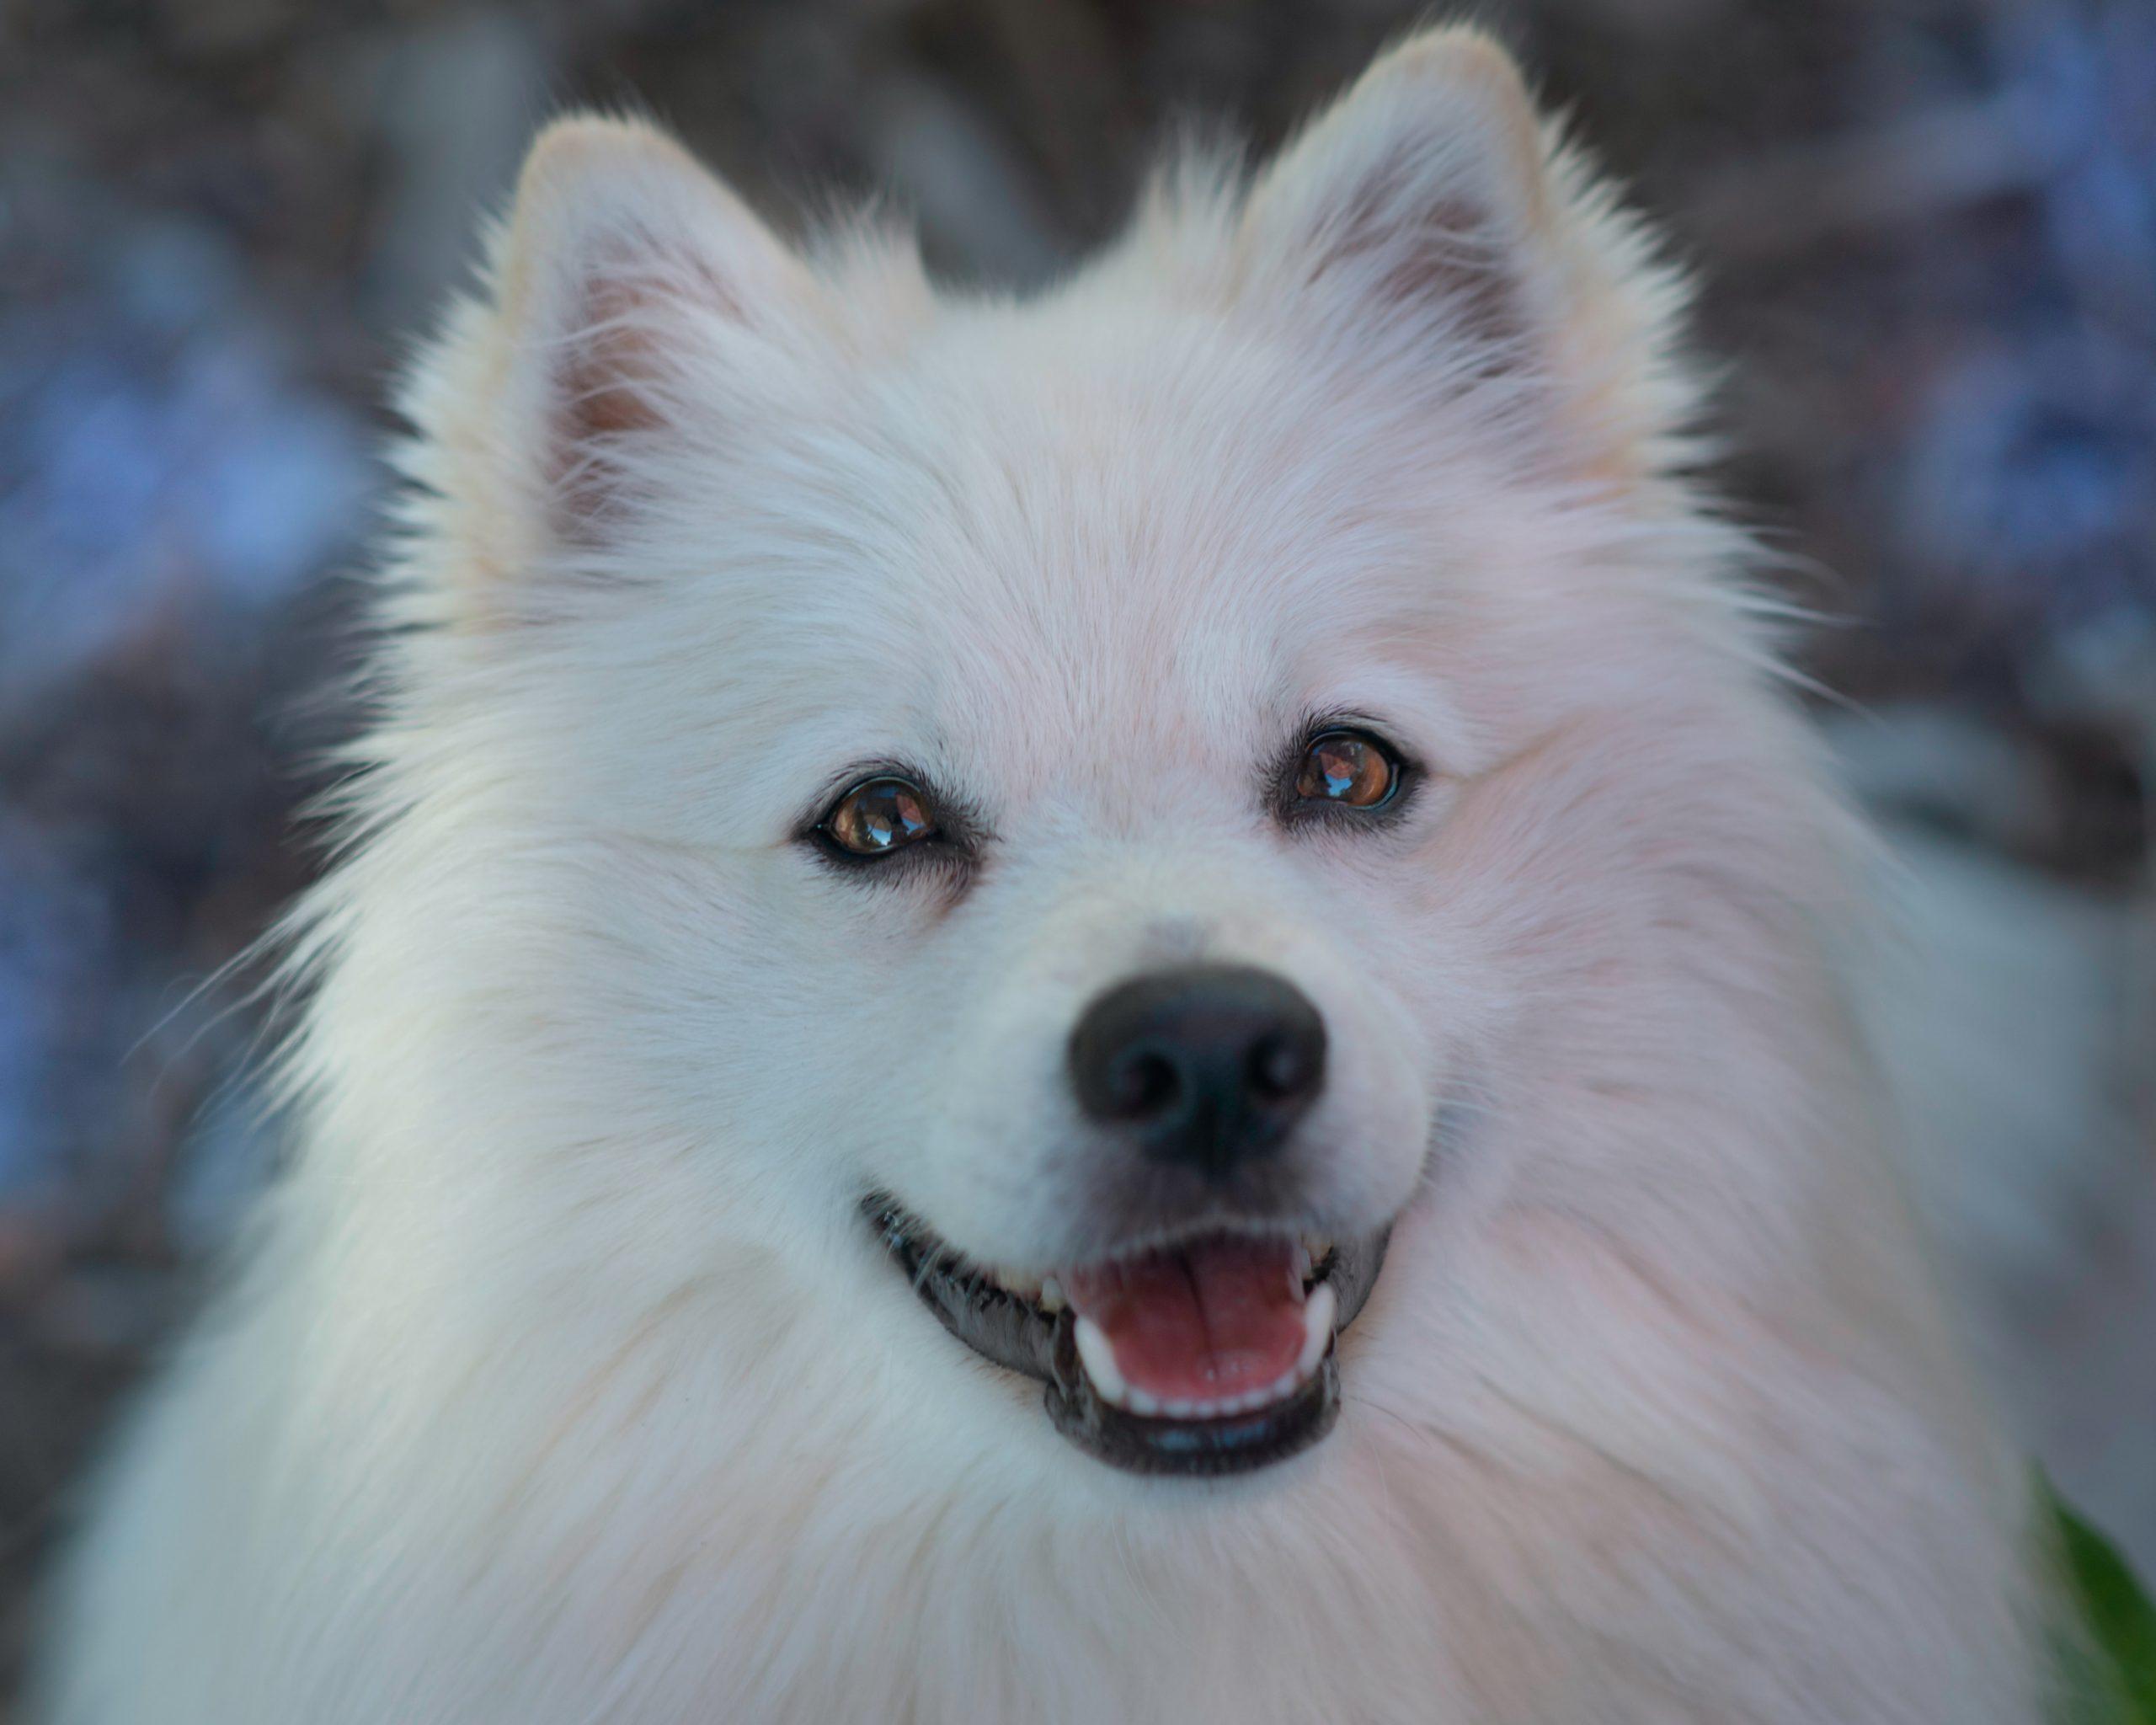 biały pies z na pół otwartą jamą ustną, prezentujący piękne śnieżne zęby. pogodny wyraz pyska.